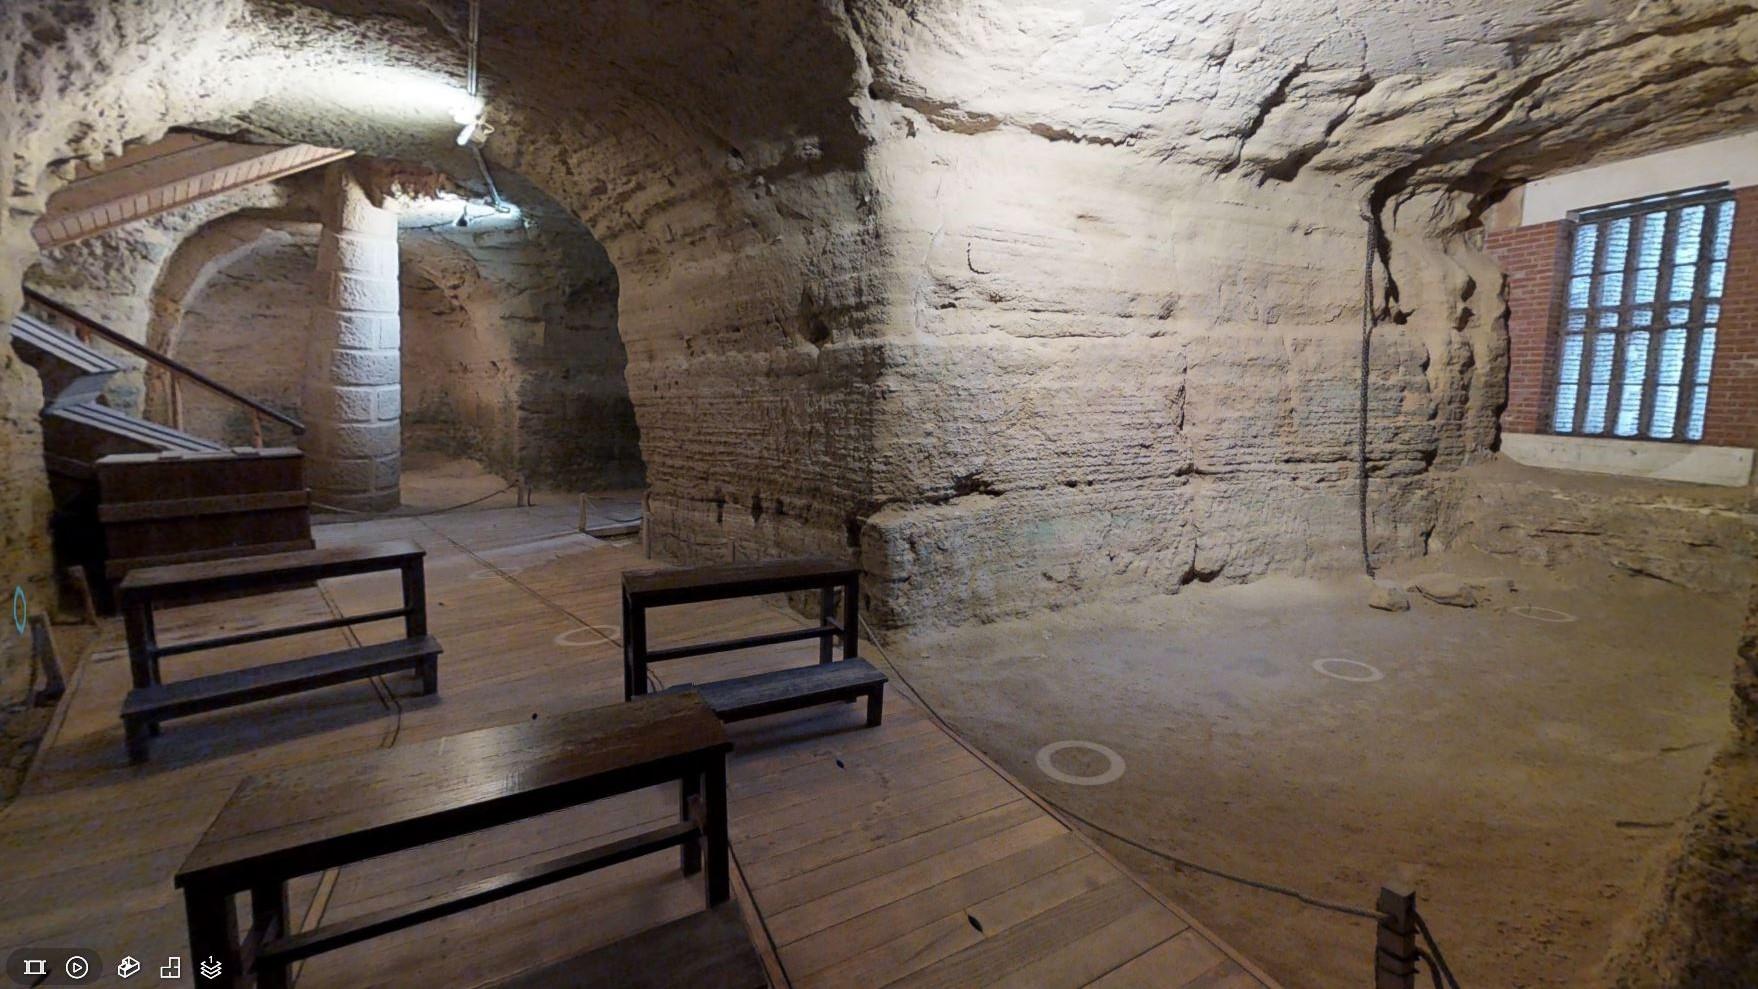 Historische Orte dokumentieren und interktiv erlebbar machen